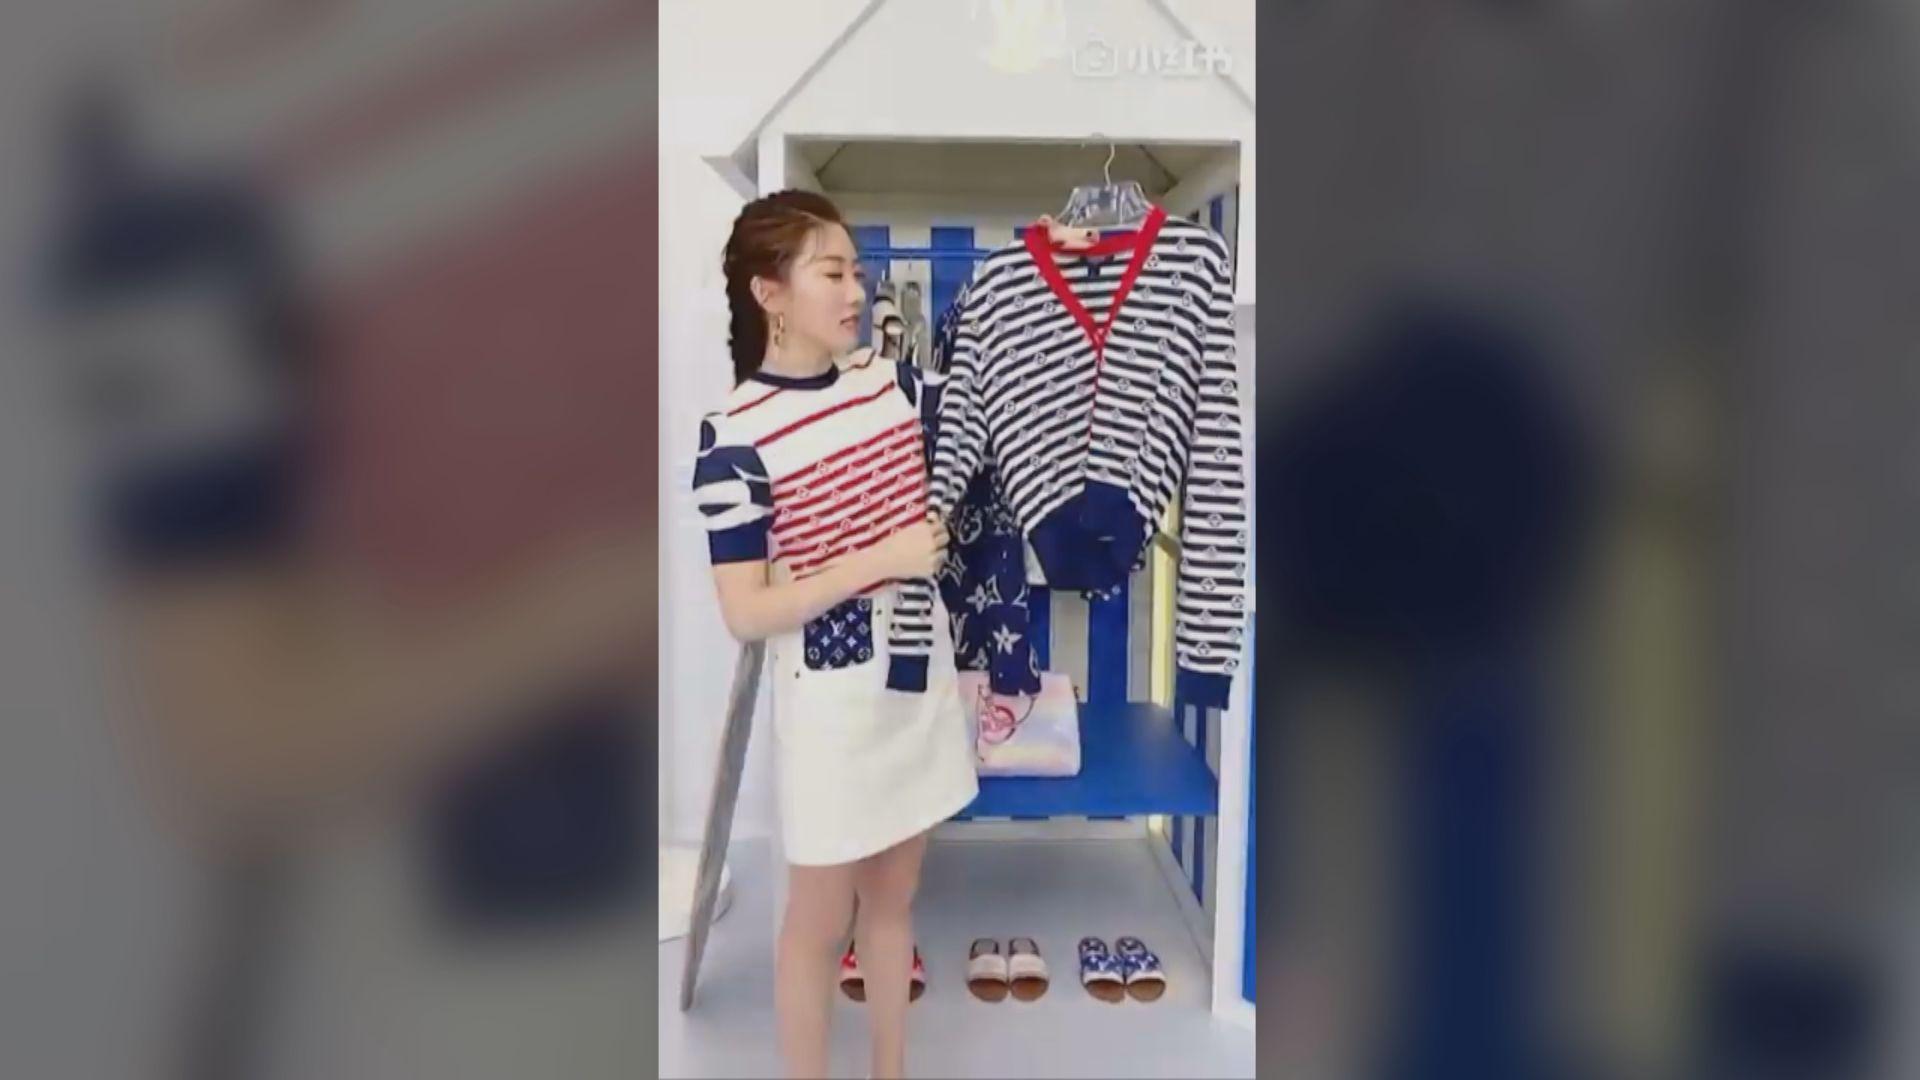 【首都專線】新興「直播帶貨」催谷衝動消費投訴急增